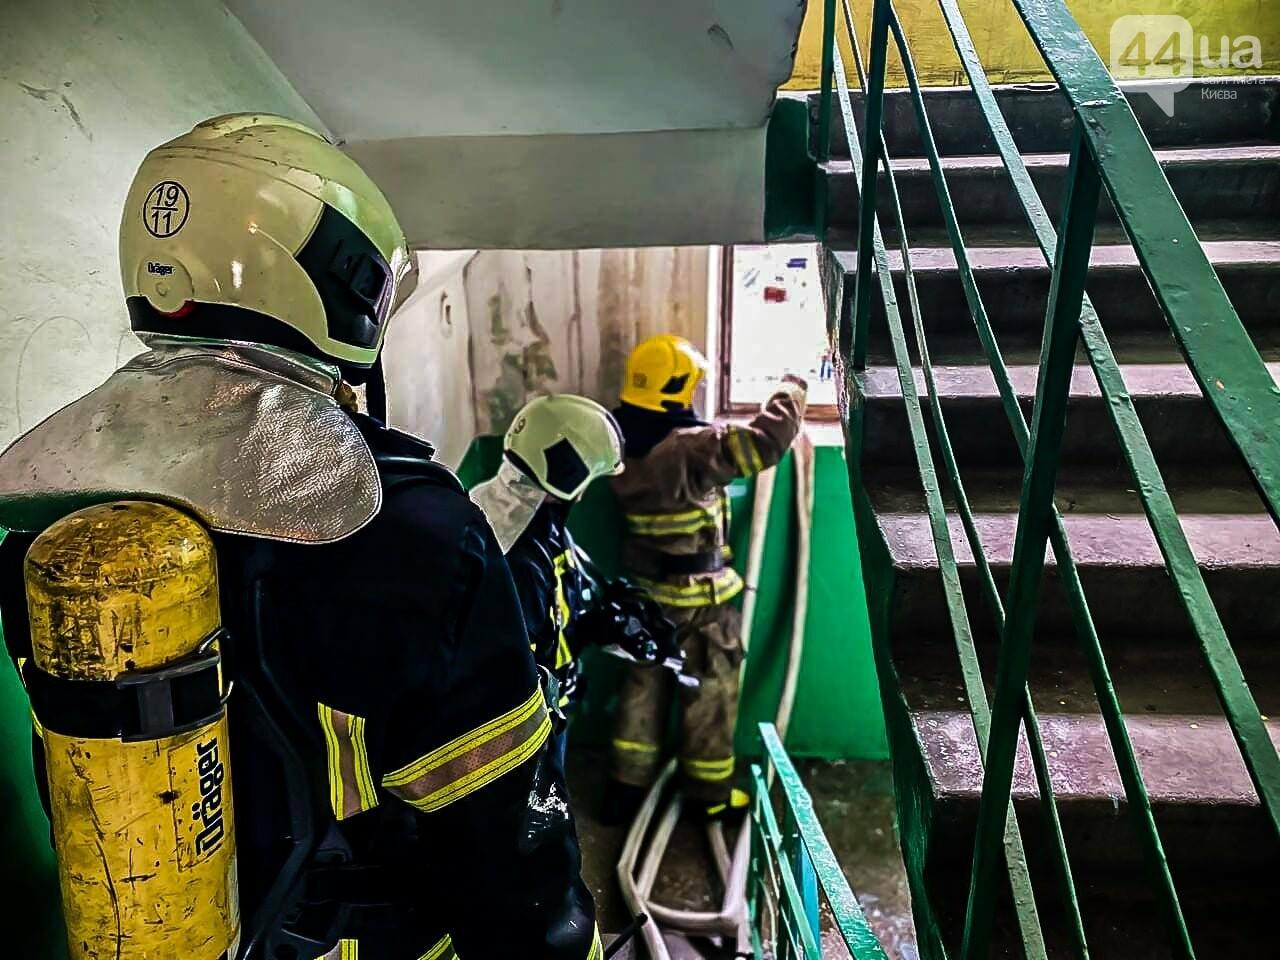 ТОП-5 событий в Киеве на минувшей неделе, 22-28 марта, фото-1